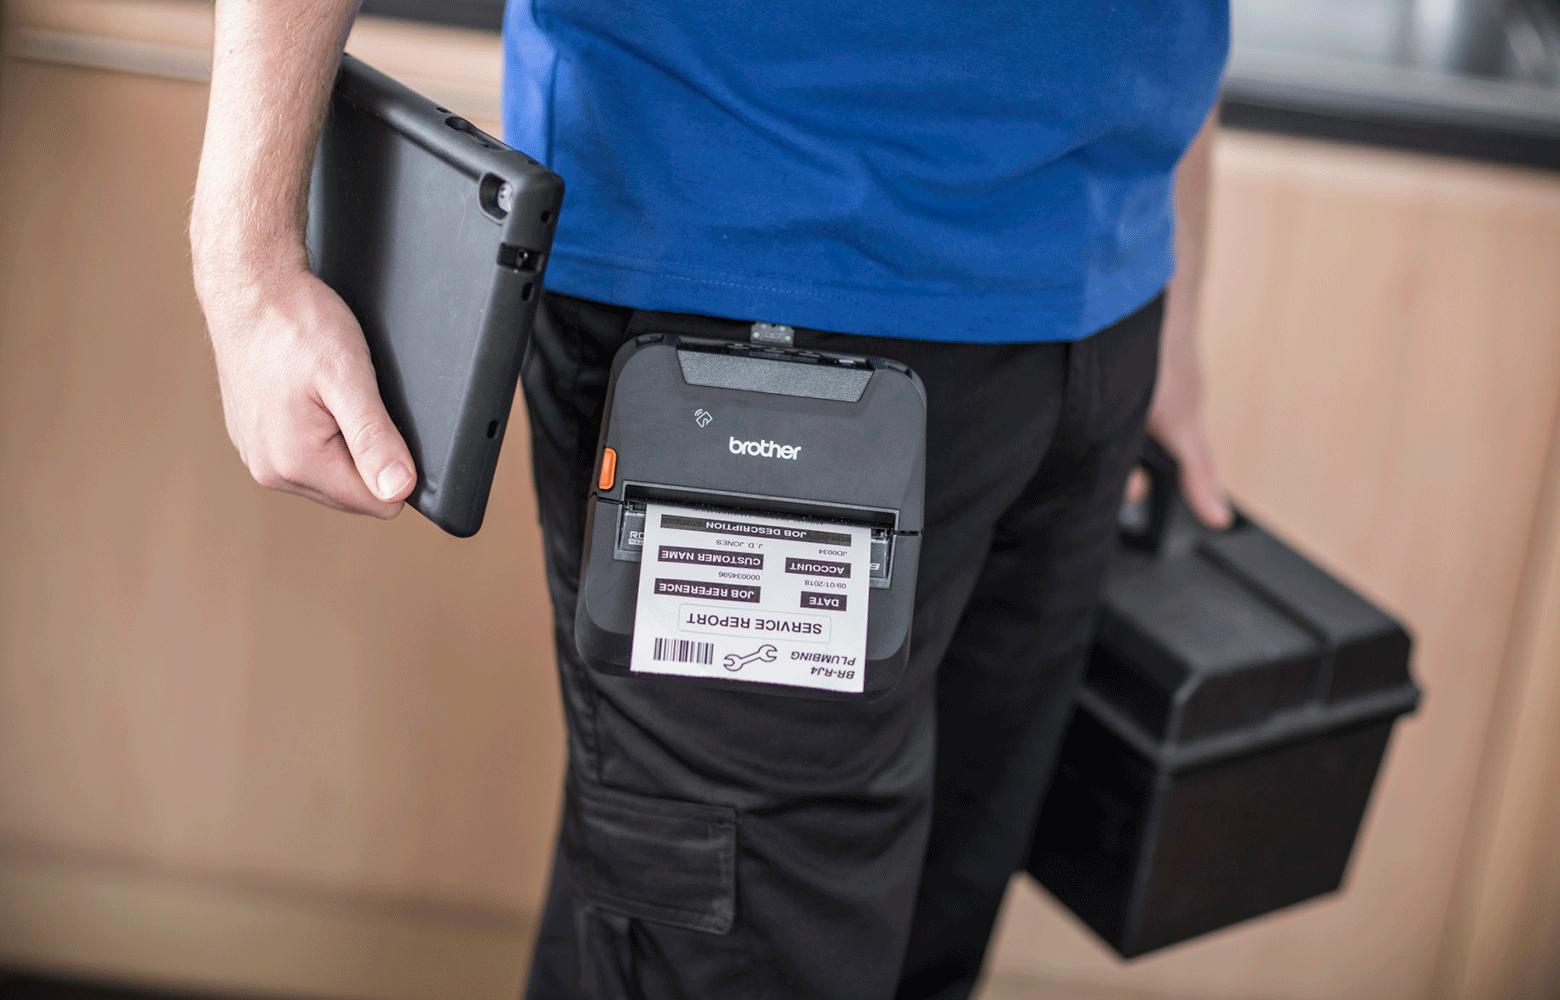 Impressora portátil RJ Brother para trabalhadores em mobilidade